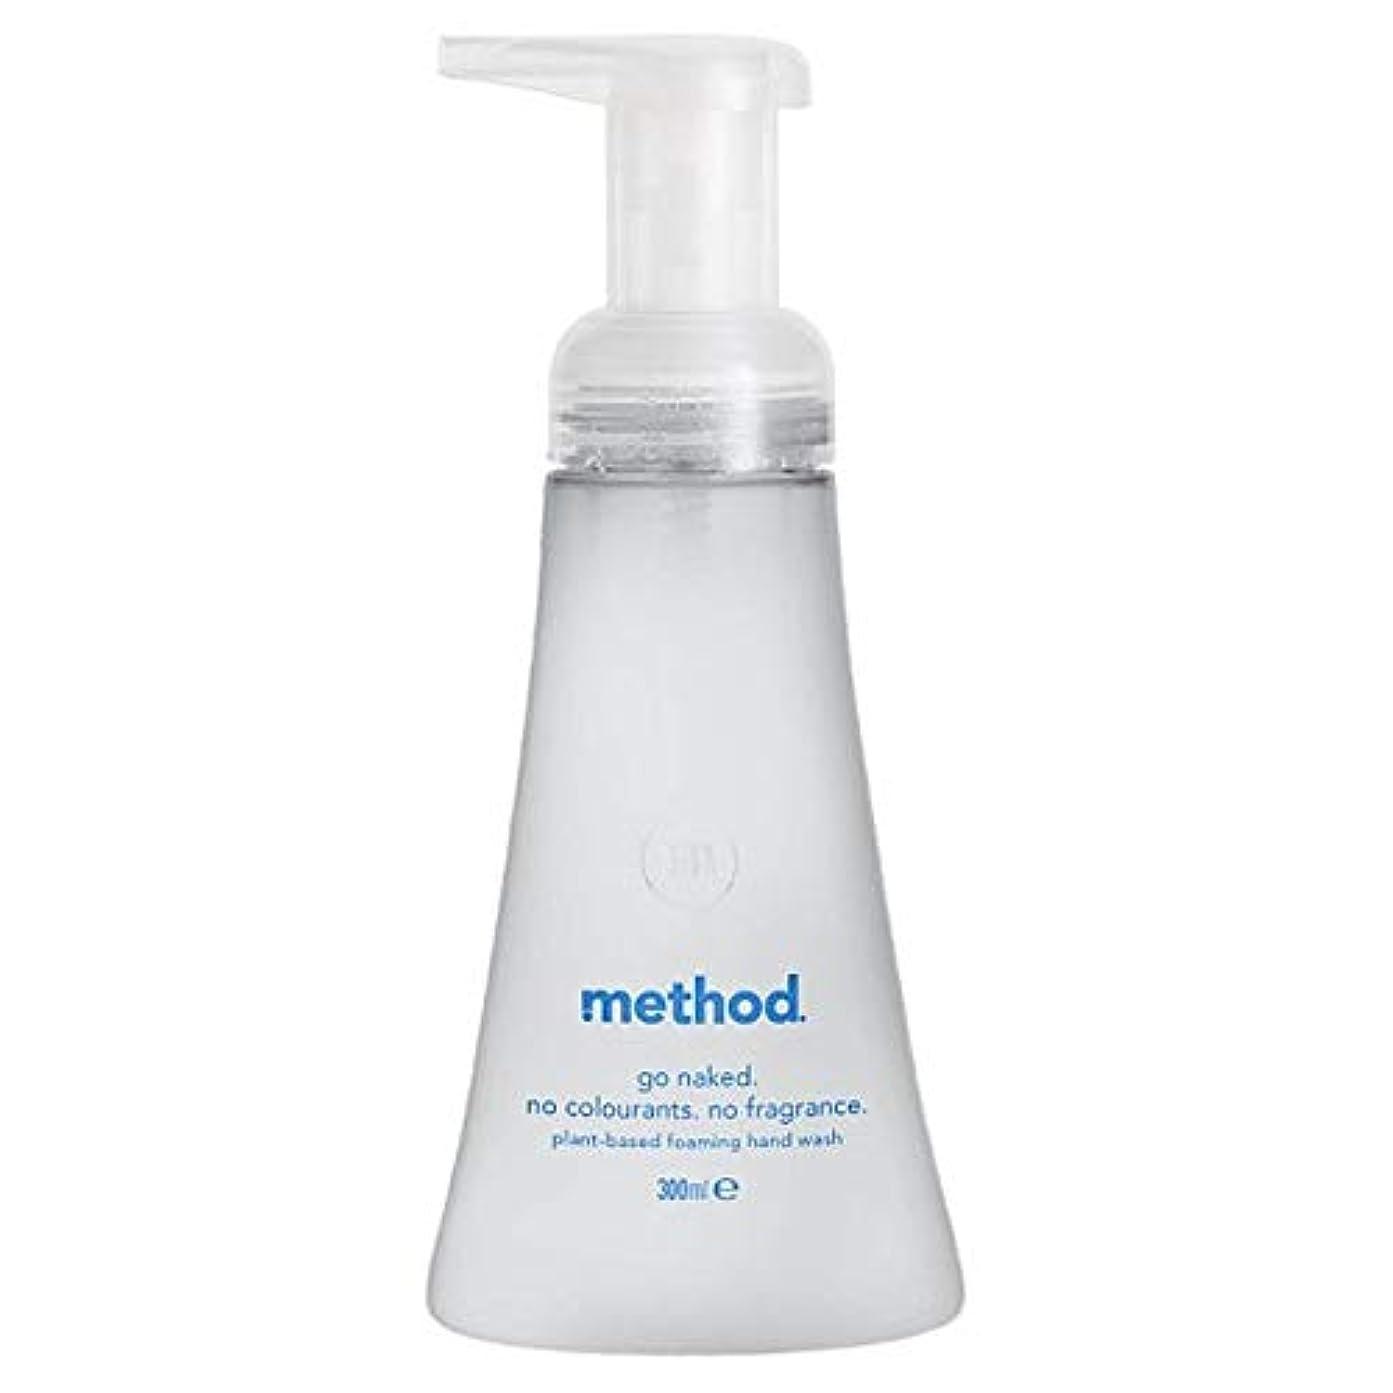 ハミングバード口ひげジャグリング[Method ] メソッド裸発泡手洗いの300ミリリットル - Method Naked Foaming Handwash 300Ml [並行輸入品]